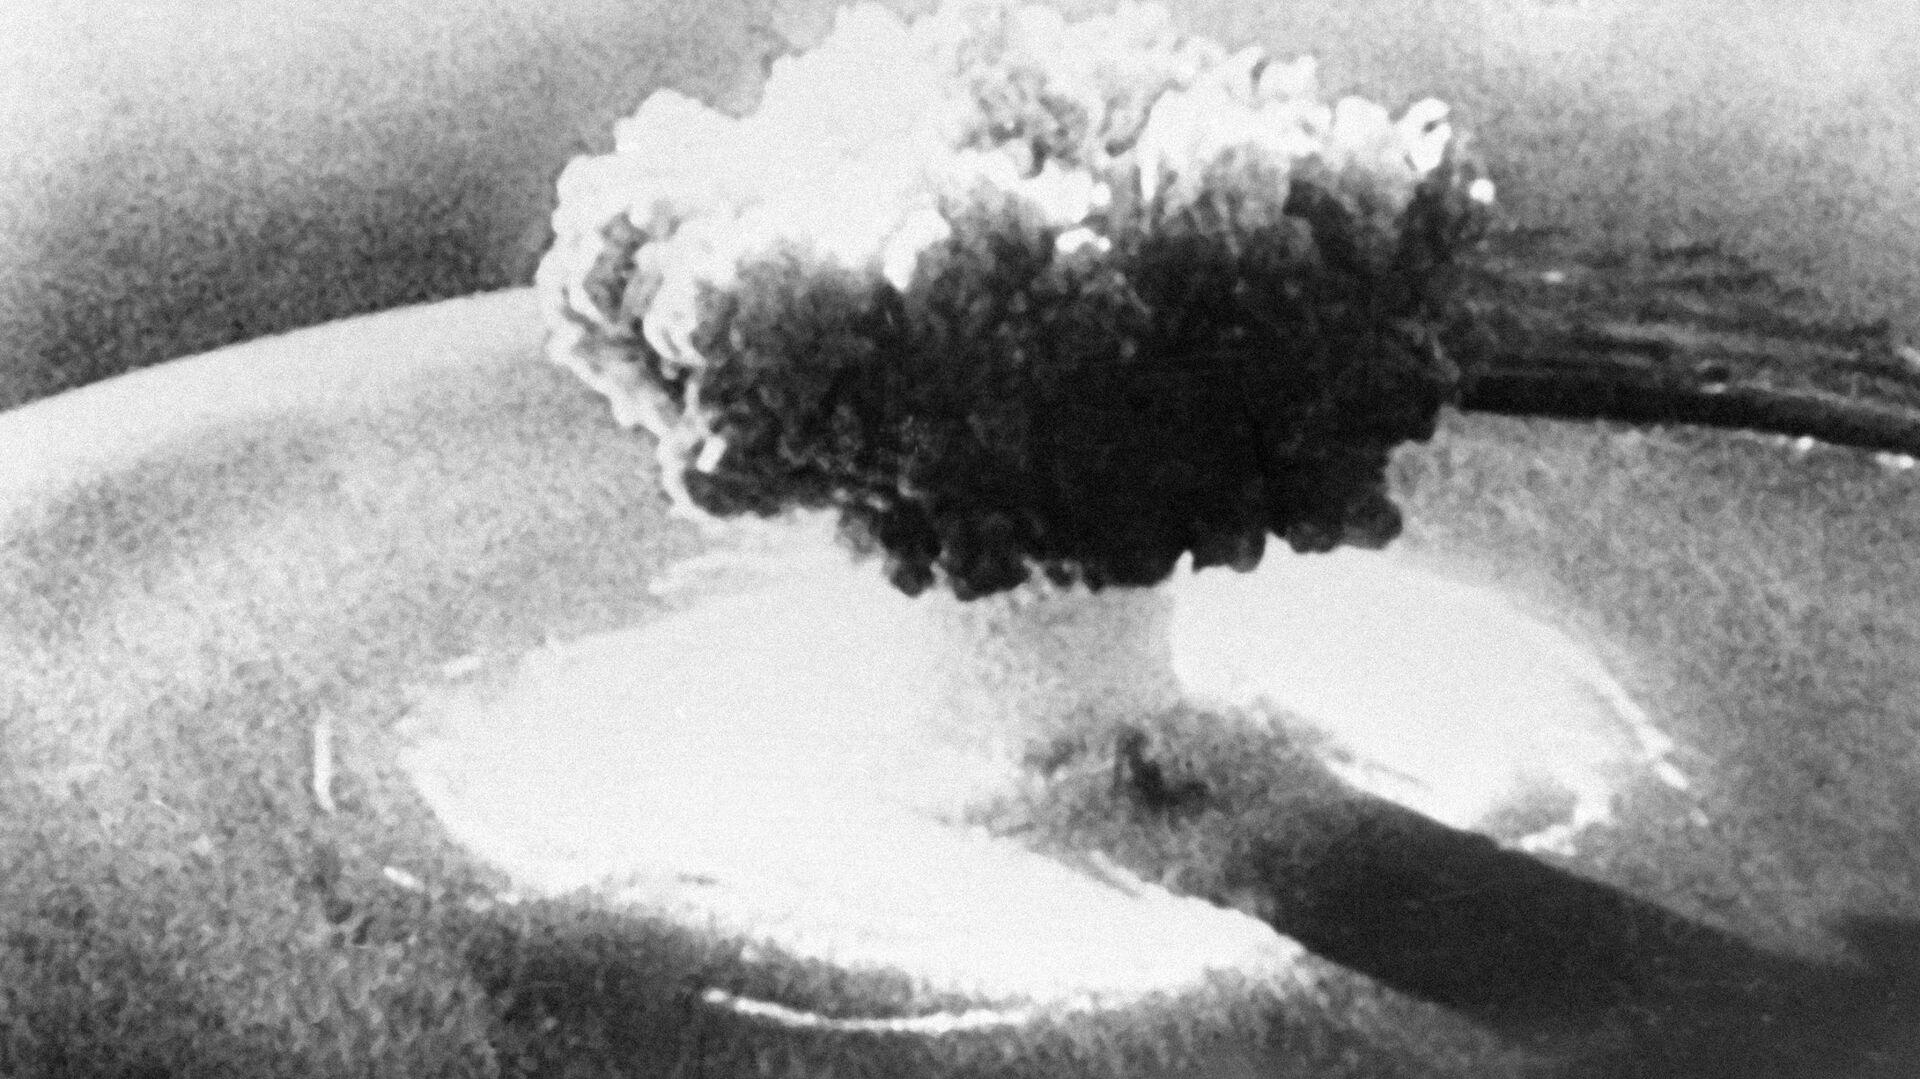 Ядерный взрыв - Sputnik Узбекистан, 1920, 24.02.2021